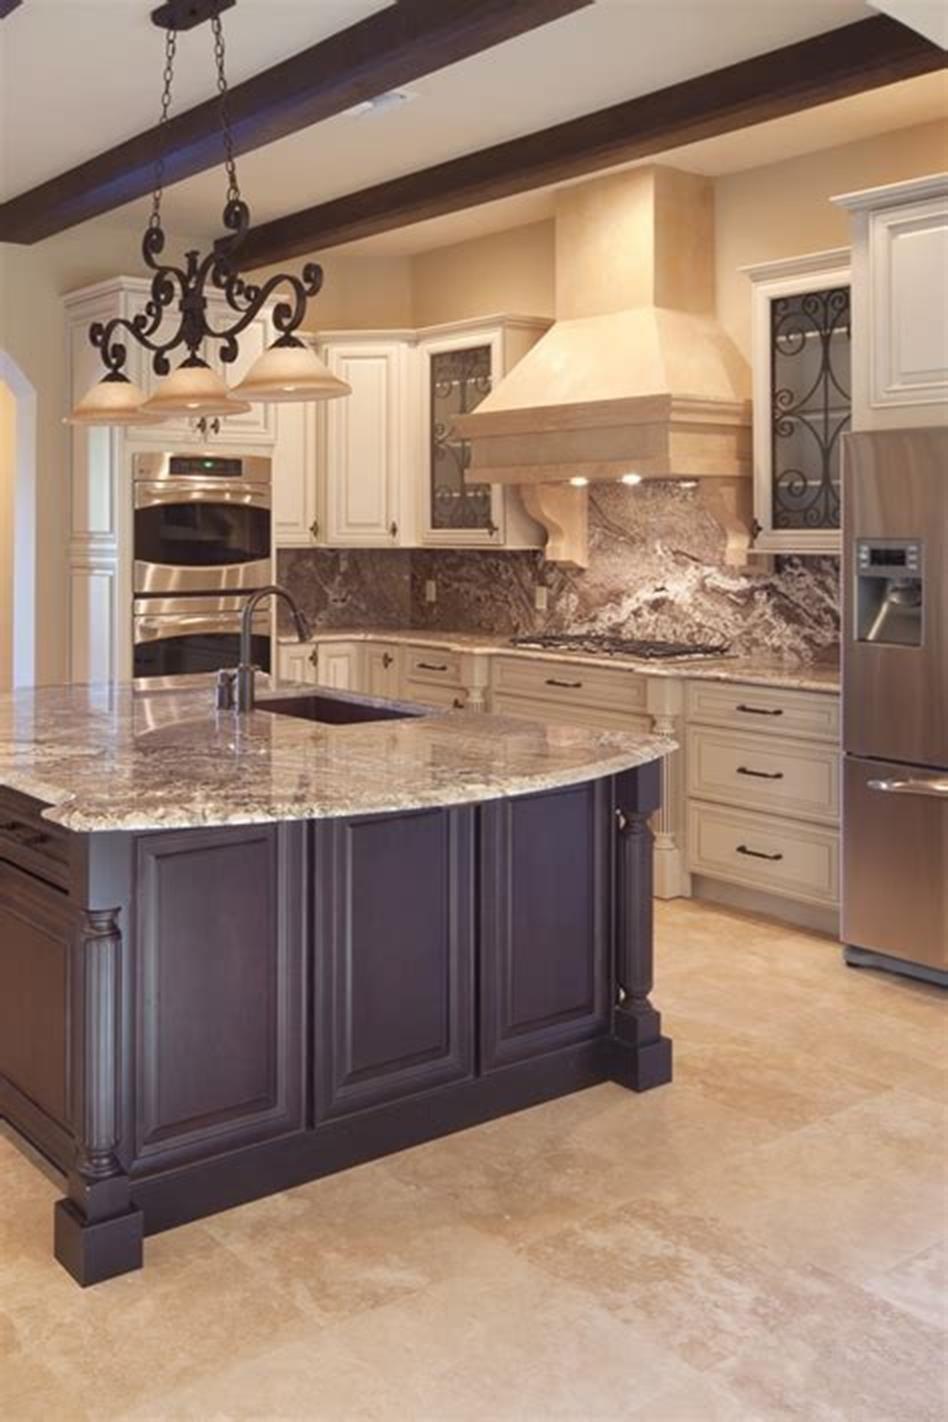 47 most popular mediterranean kitchen design ideas trend 2020 dark kitchen cabinets modern on kitchen cabinets design id=75542